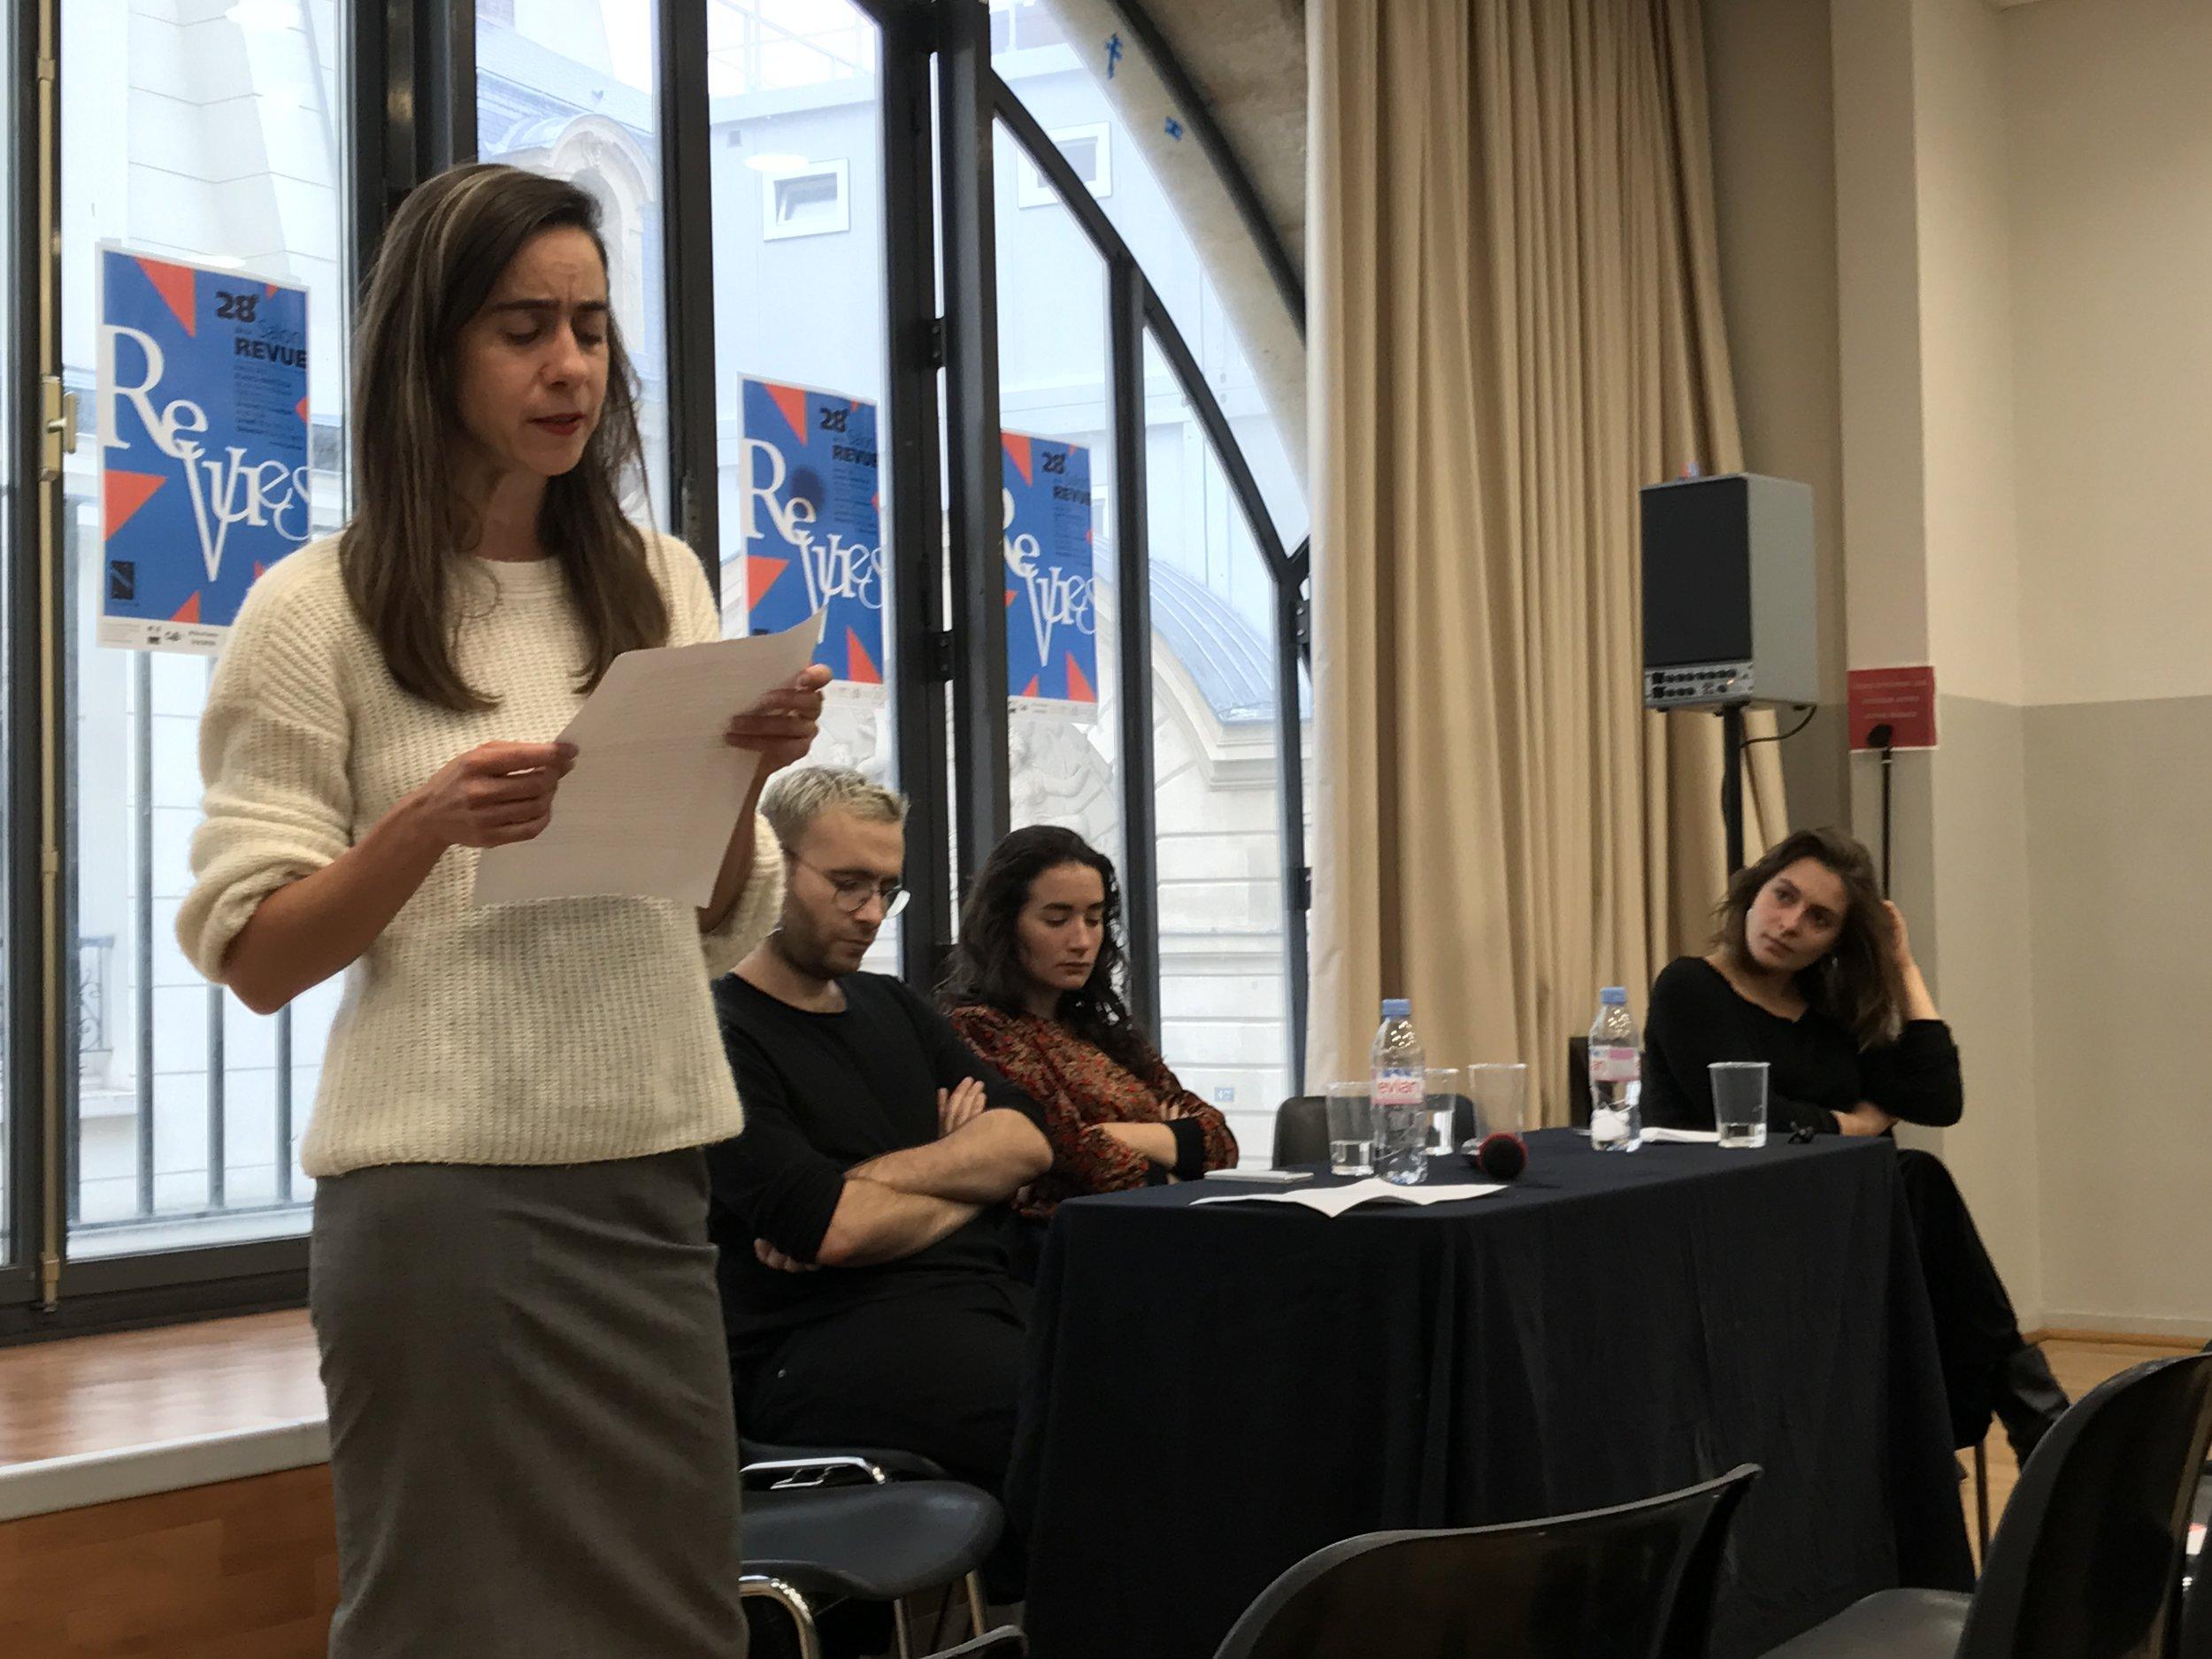 Lecture  Les seins blancs , table ronde : Inséminer l'imaginaire, Salon de la revue, octobre 2018.